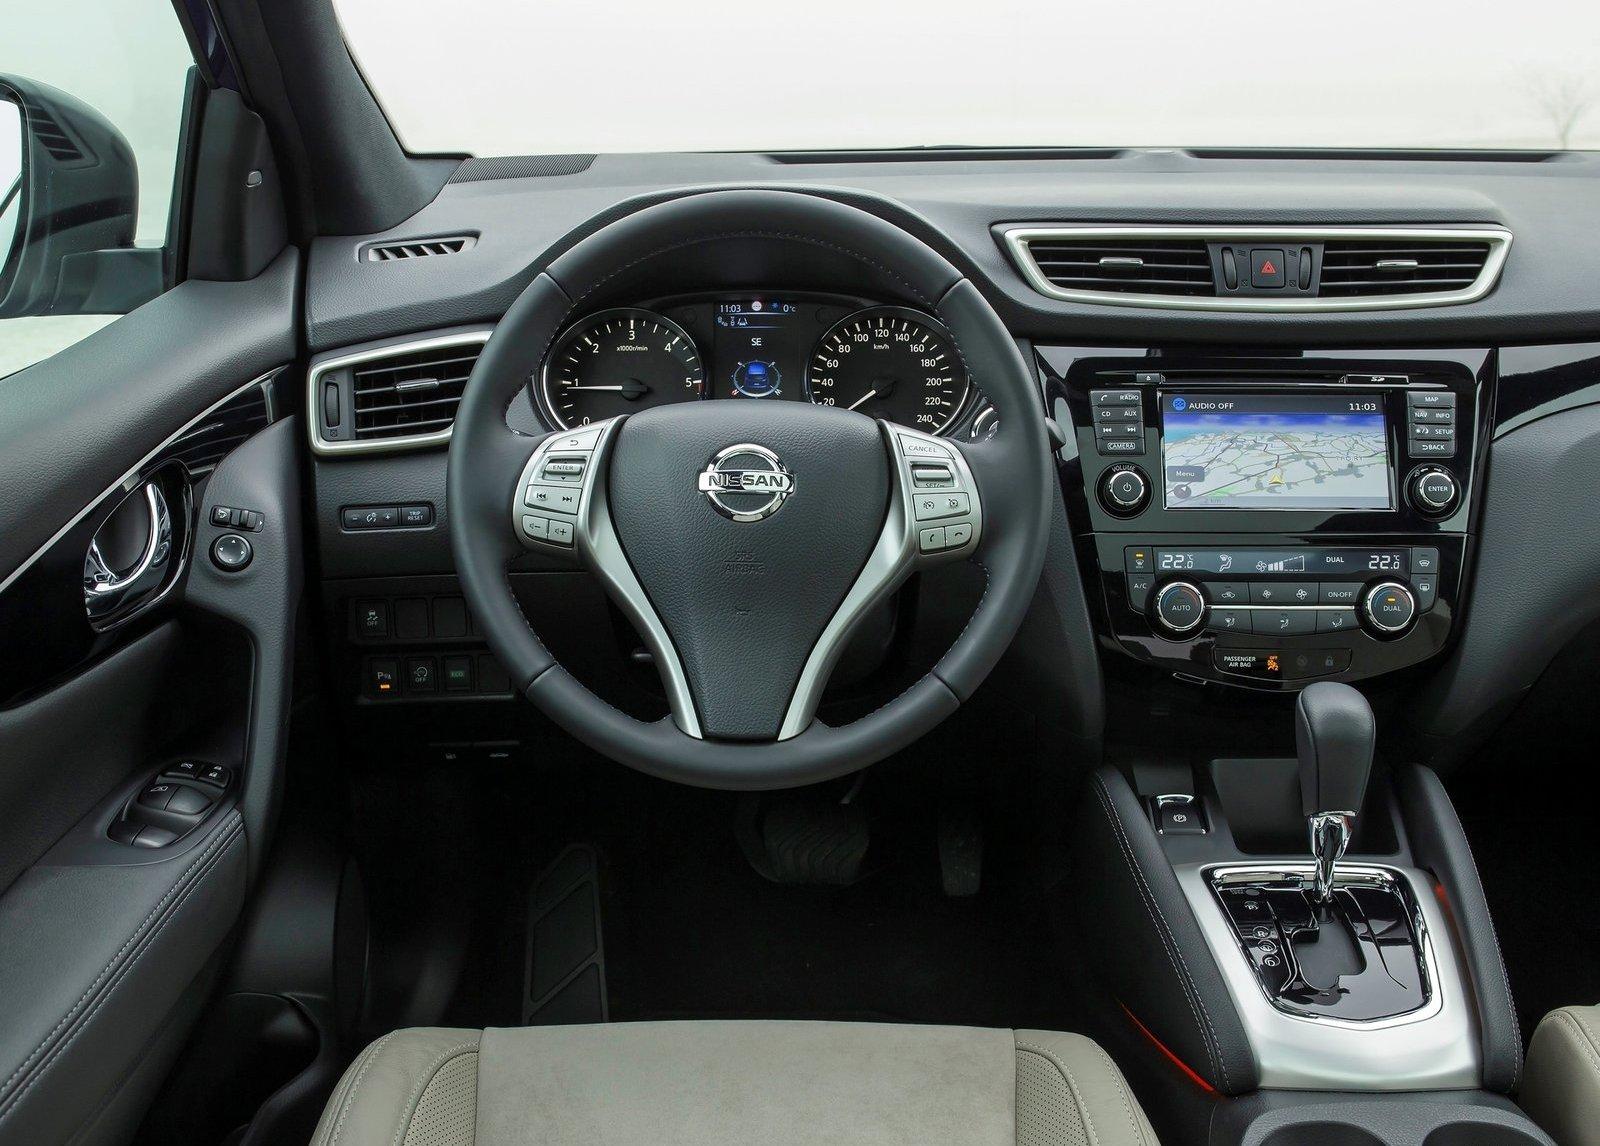 Yeni-Nissan-Qashqai-2014-05.jpg